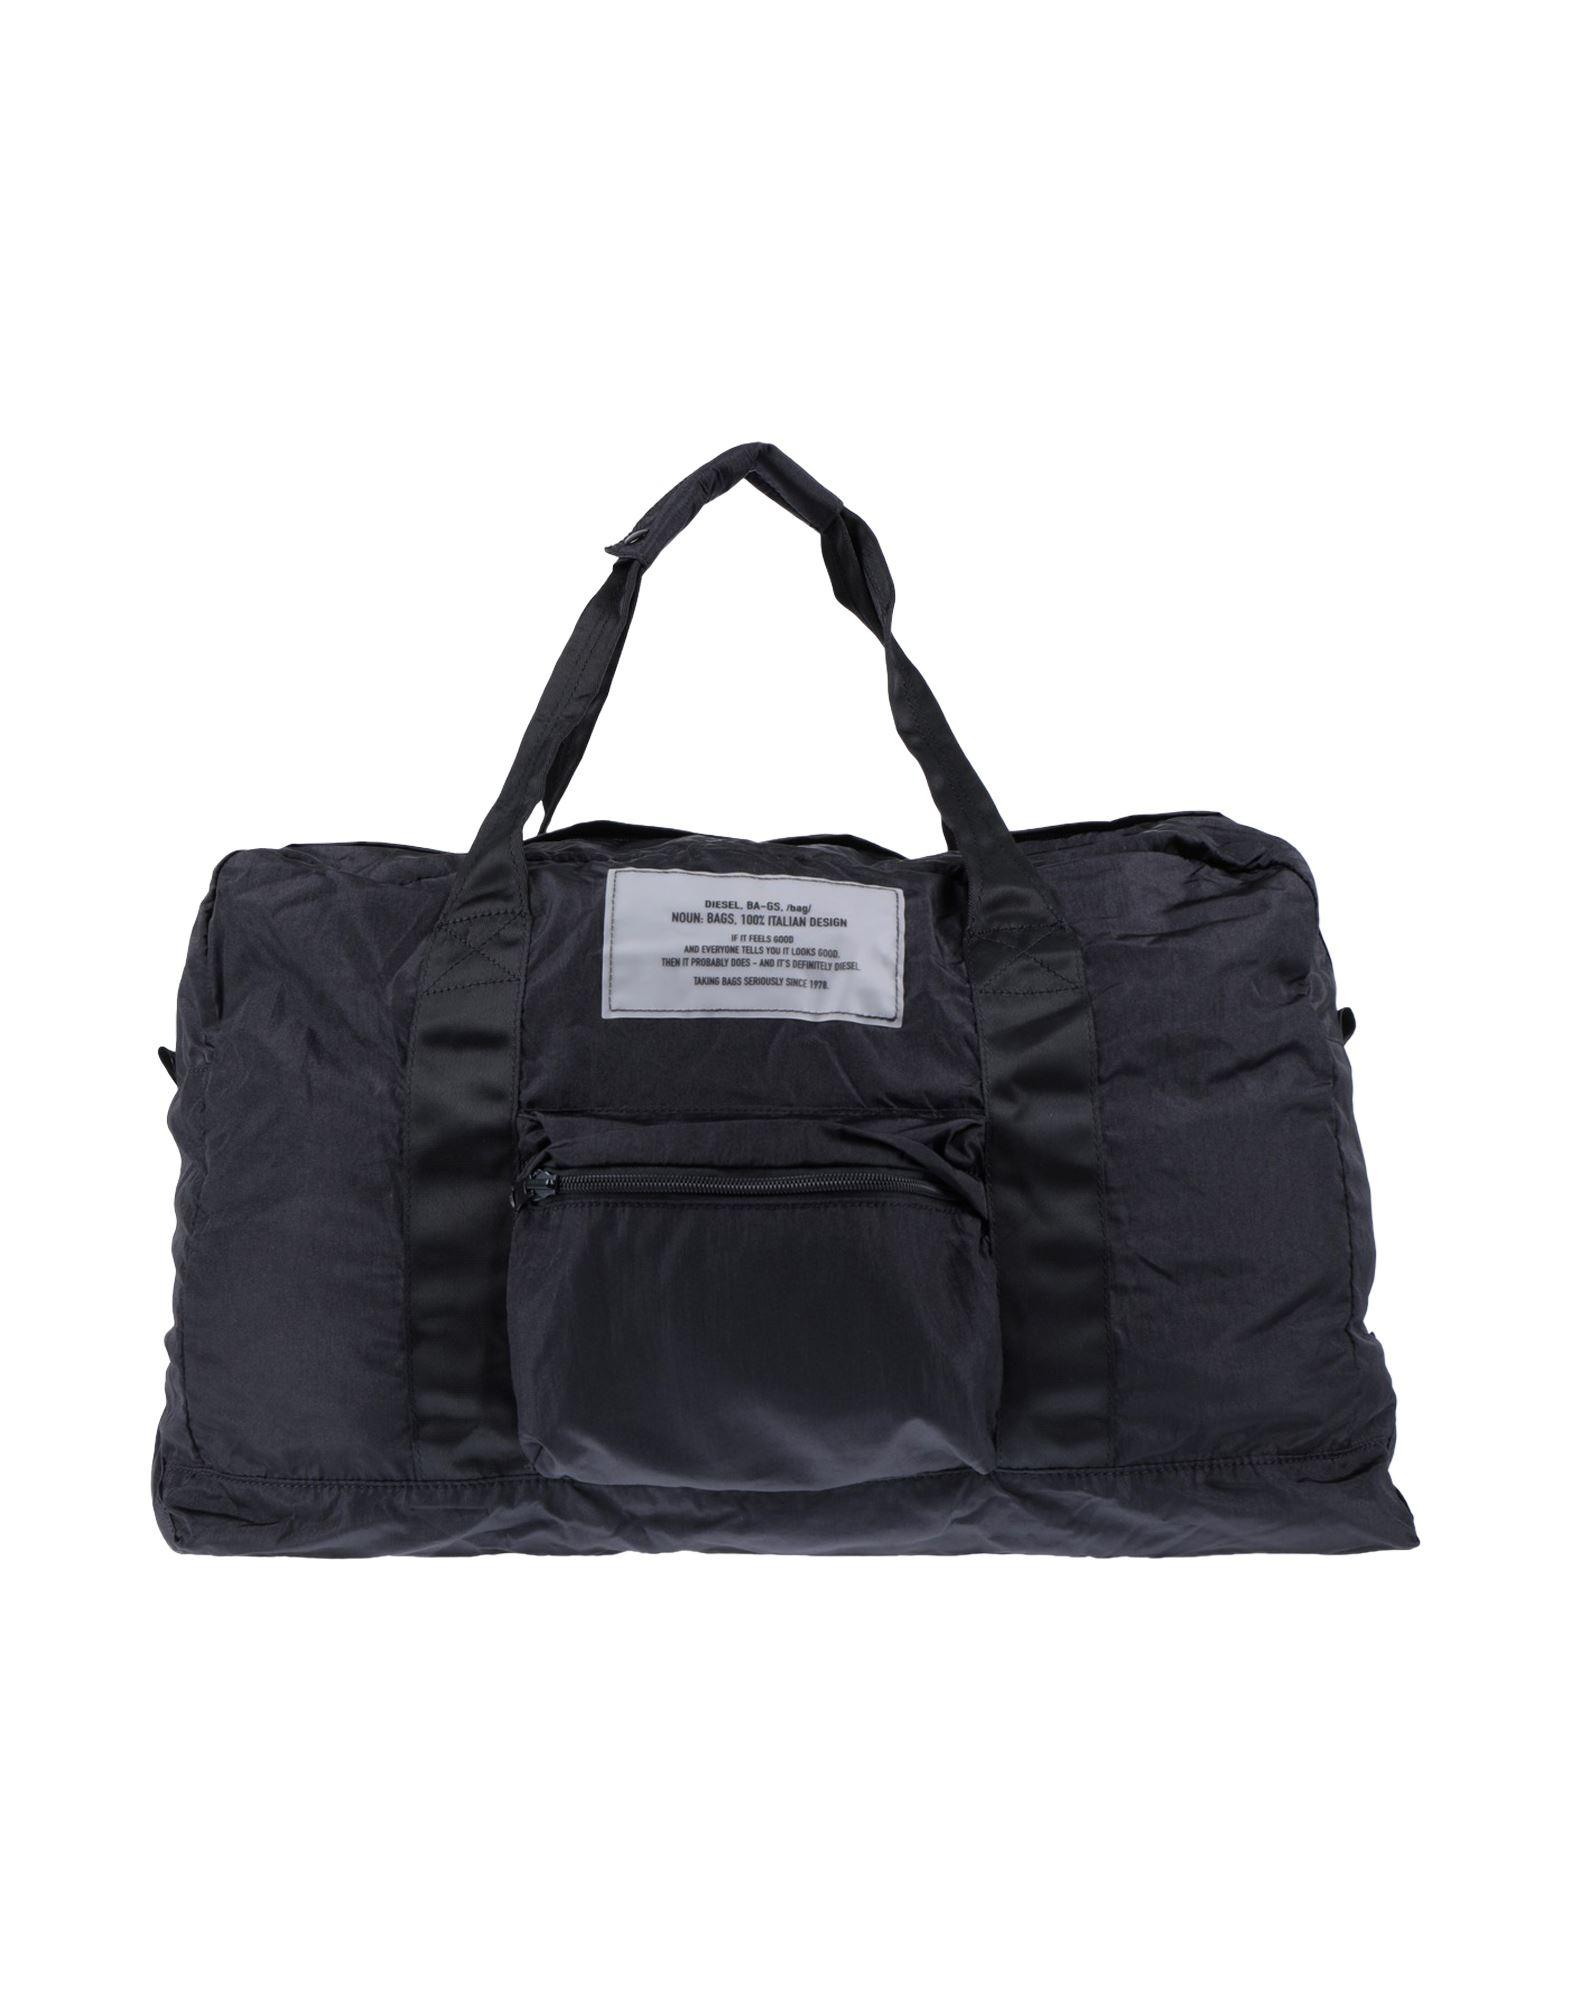 DIESEL ディーゼル メンズ 旅行バッグ ブラック